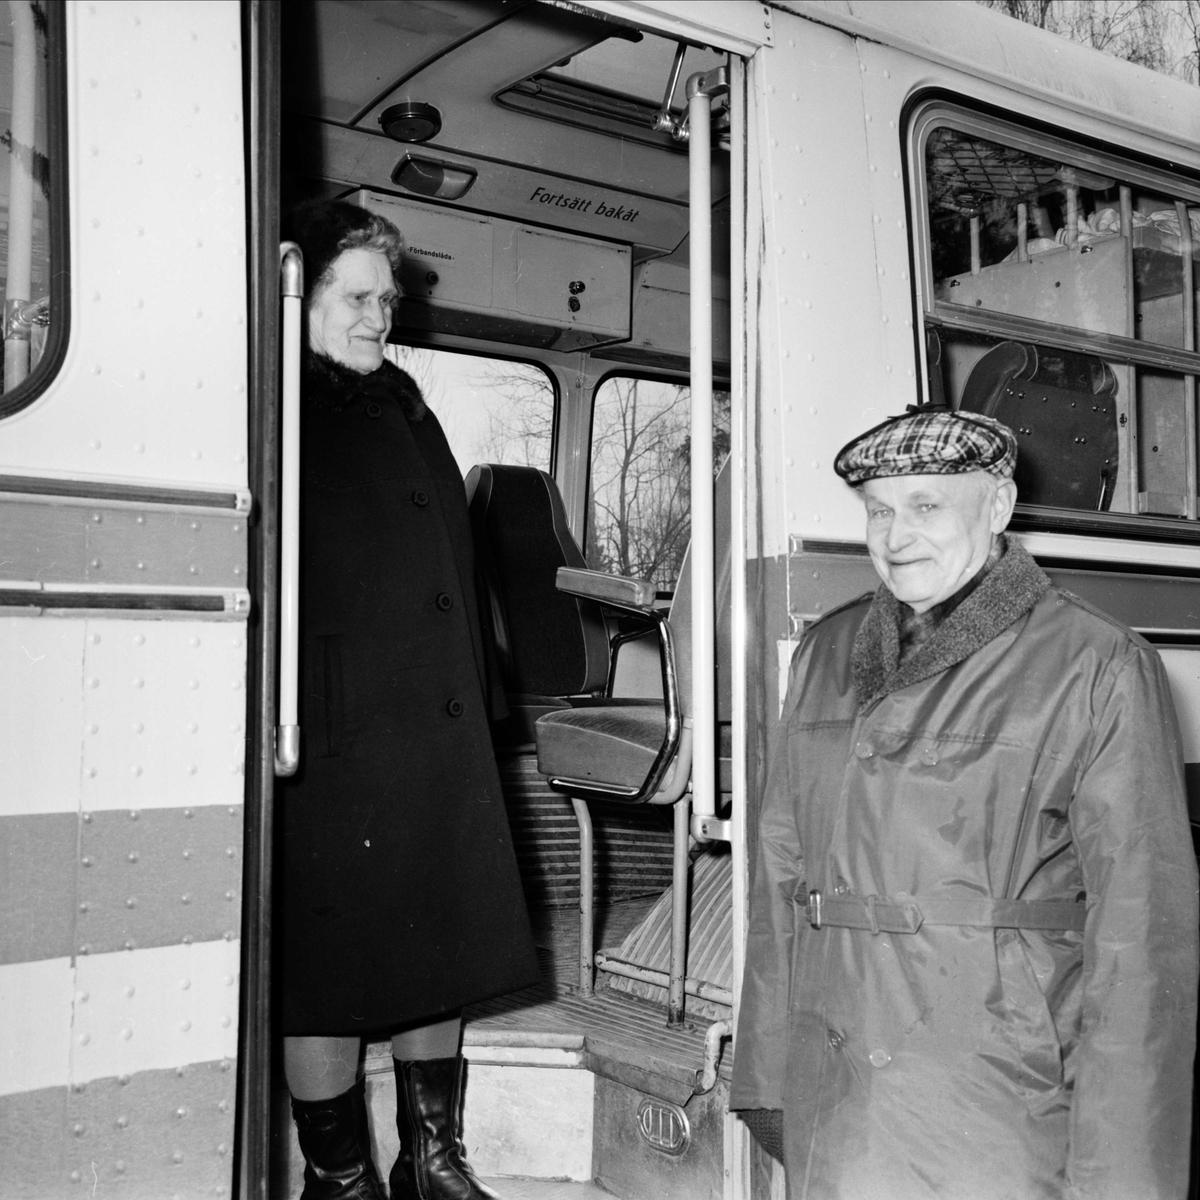 Premiär för gratis buss i Österlövsta socken, Uppland mars 1973